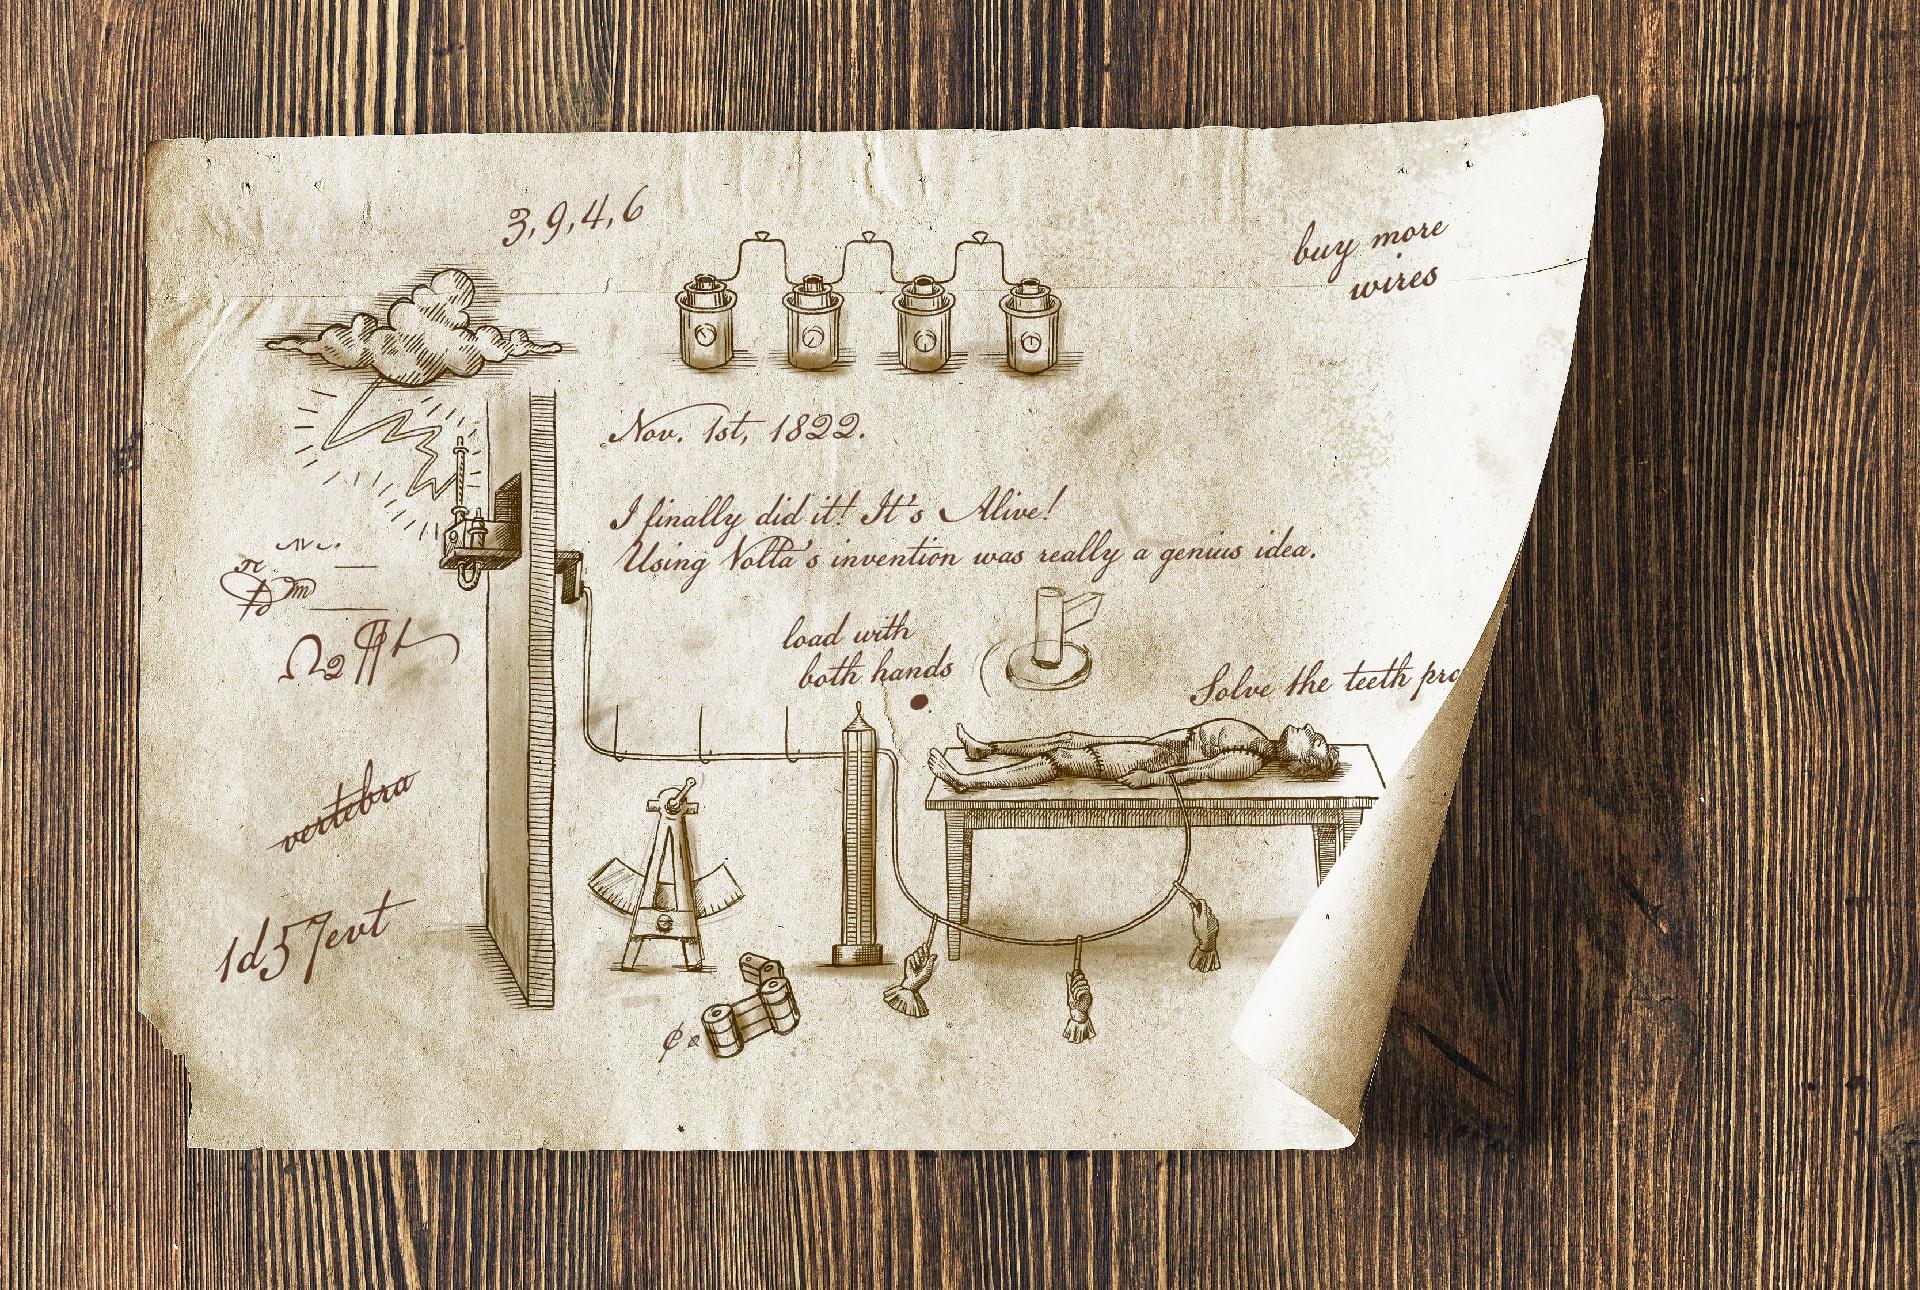 Faux document vieilli rassemblant croquis et annotations dans un style ancien sur le thème du monstre de Frankenstein